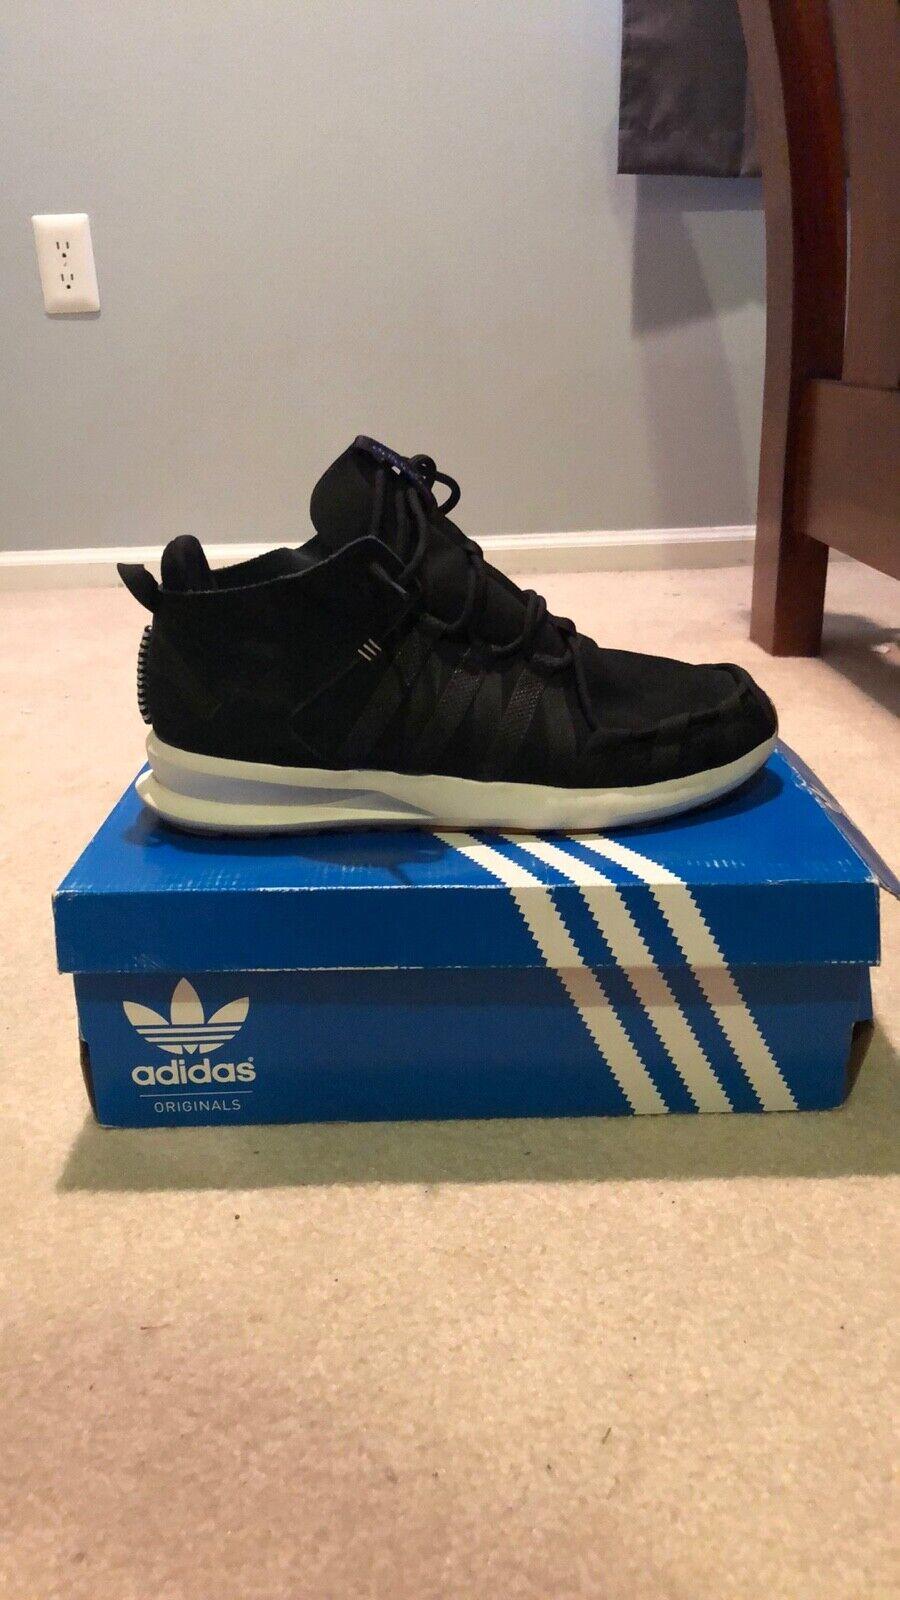 Adidas Originals SL Loop Moc Men's Size 13 C77013 shoes